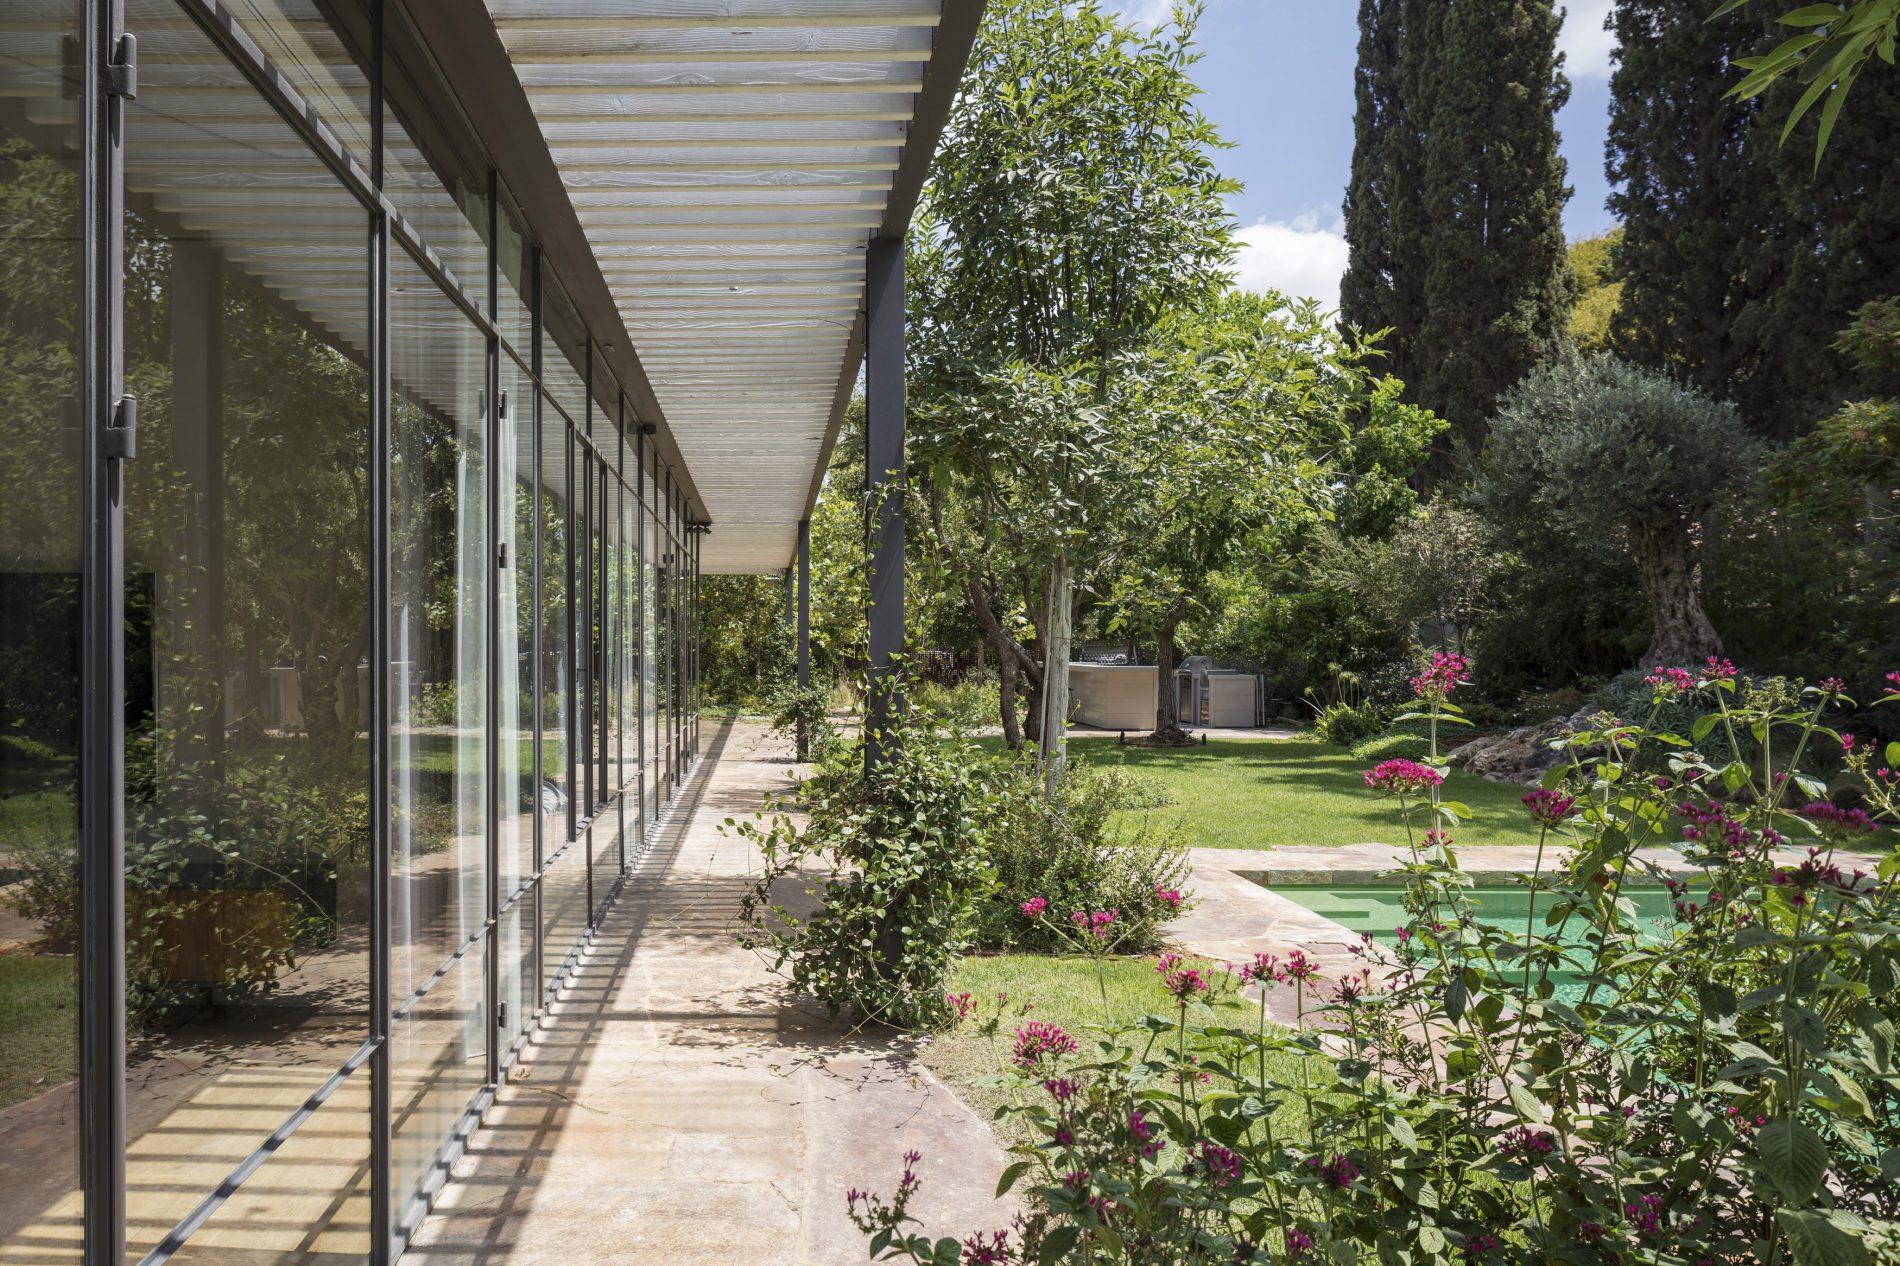 קיר מסך של חלונות בלגיים - בית הזכוכית בסביון